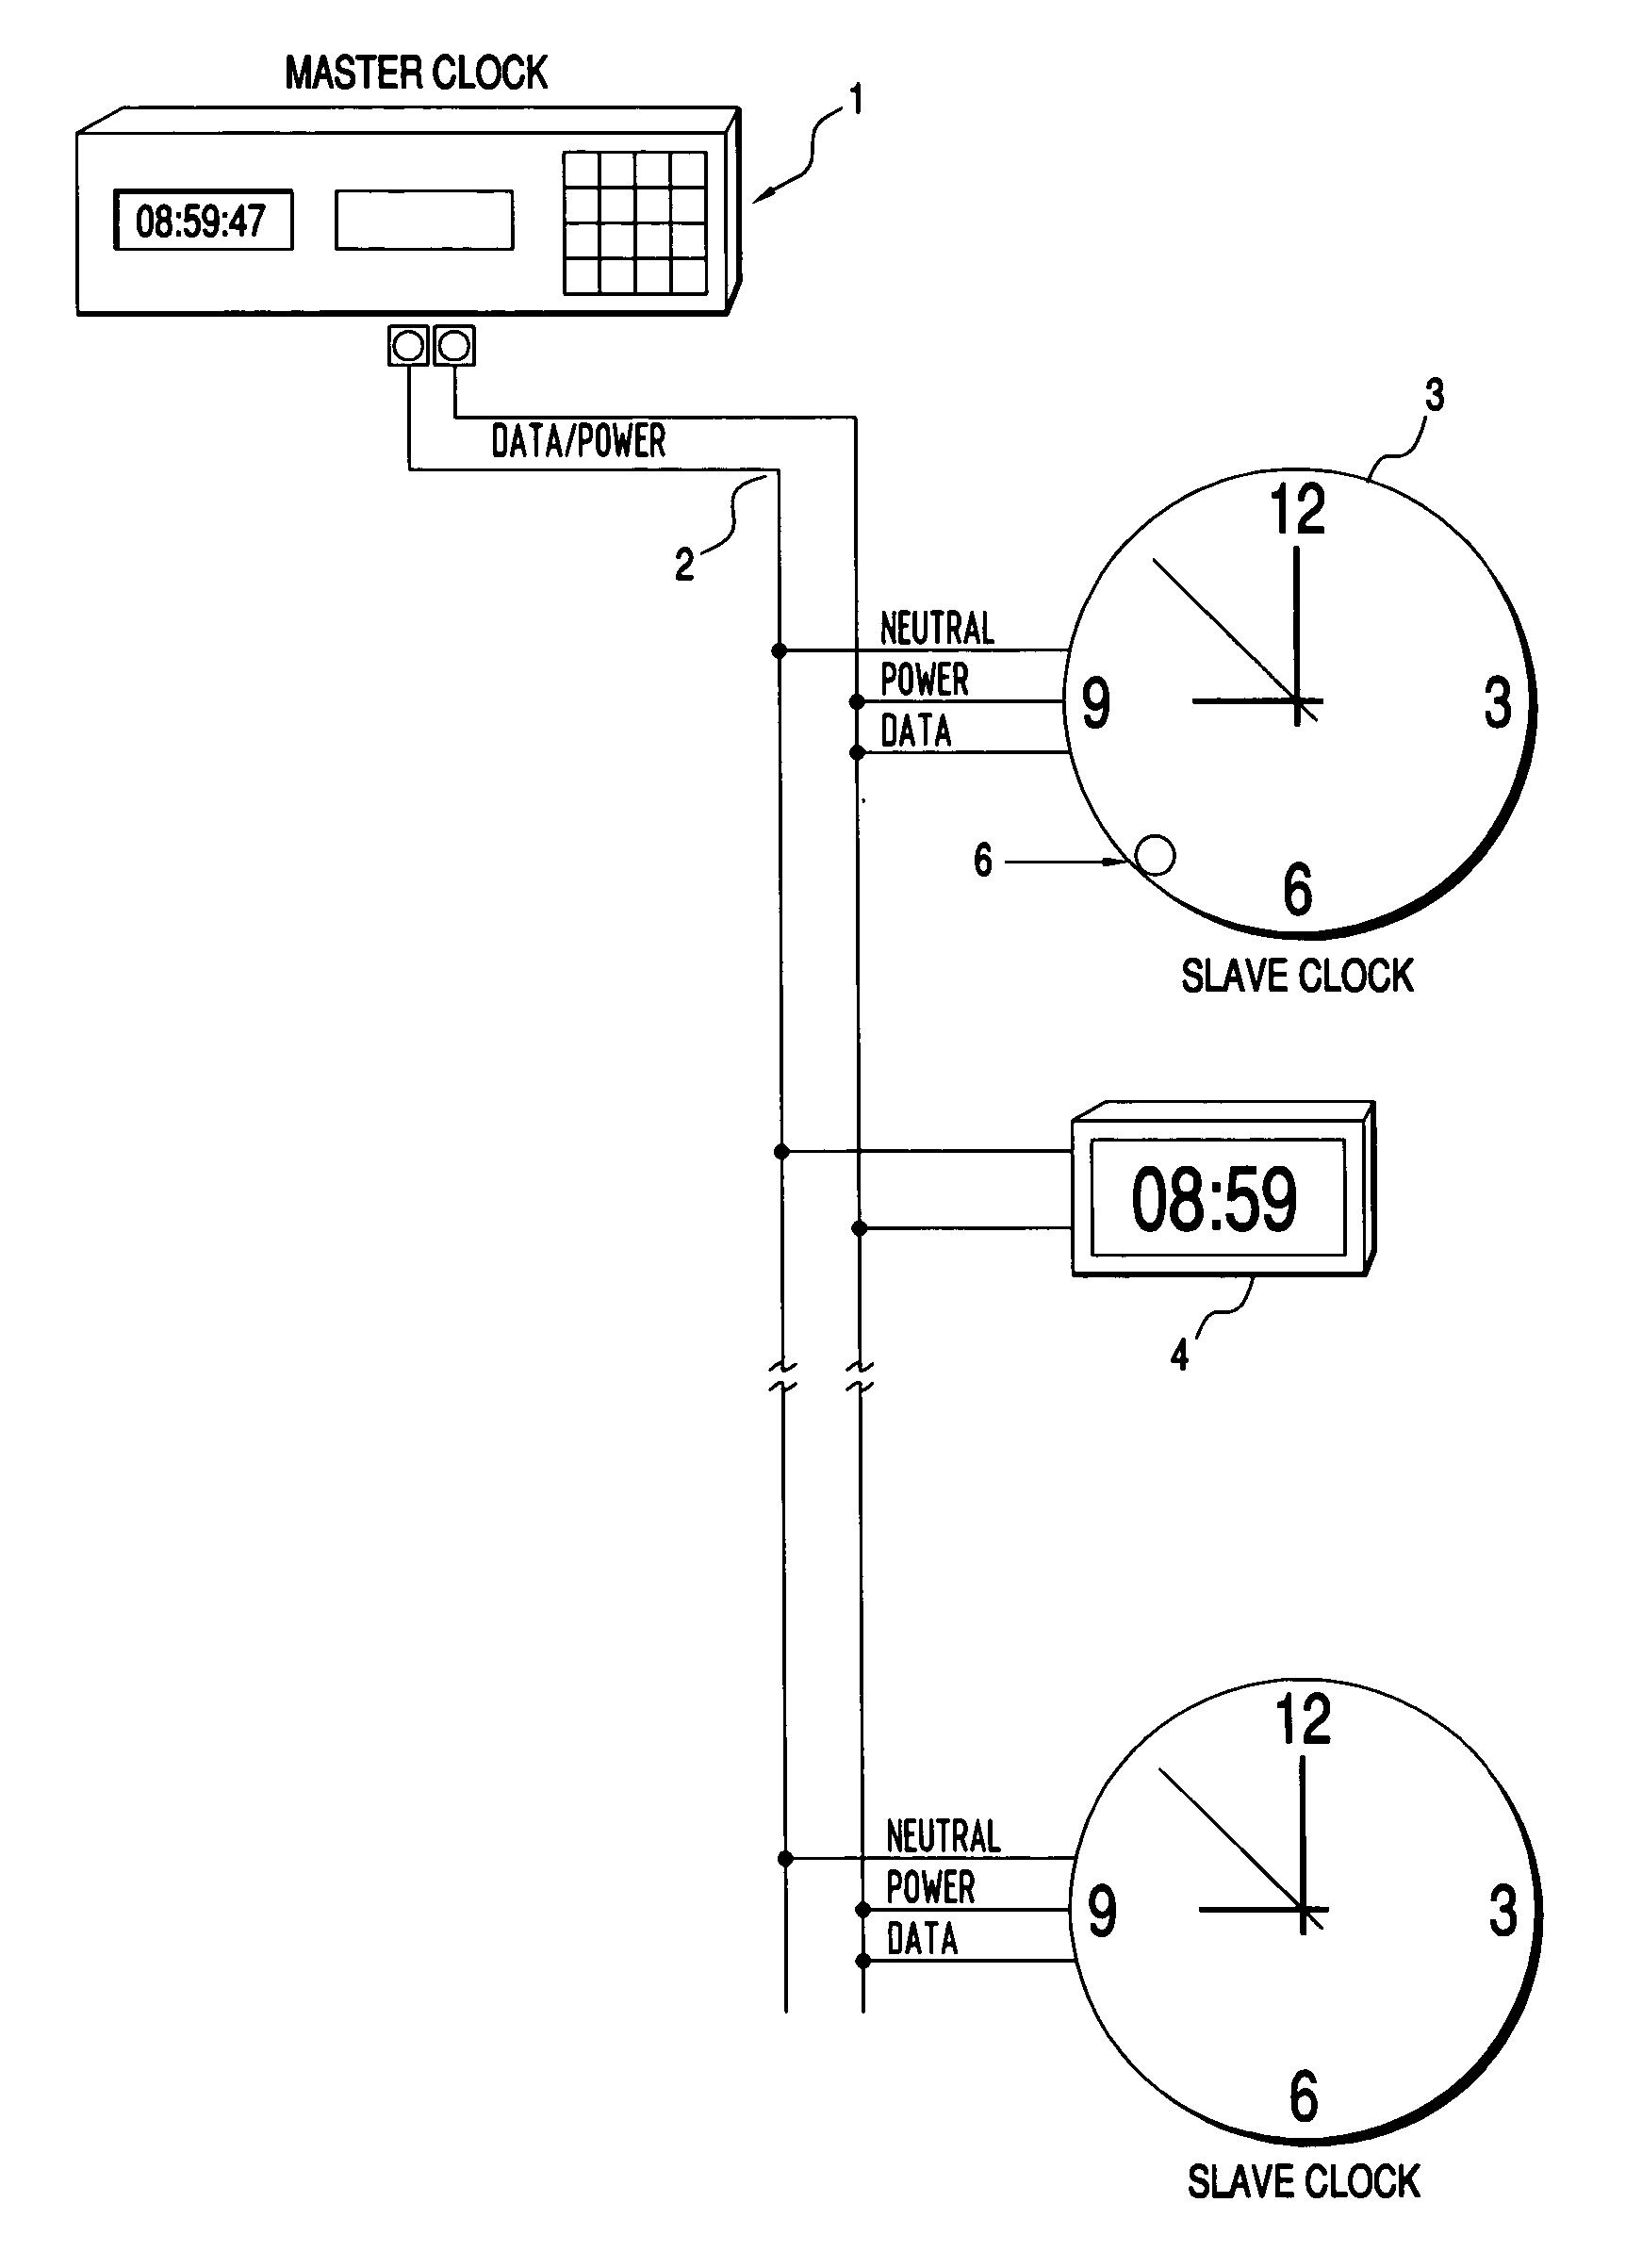 Valcom Master Clock Wiring Diagram